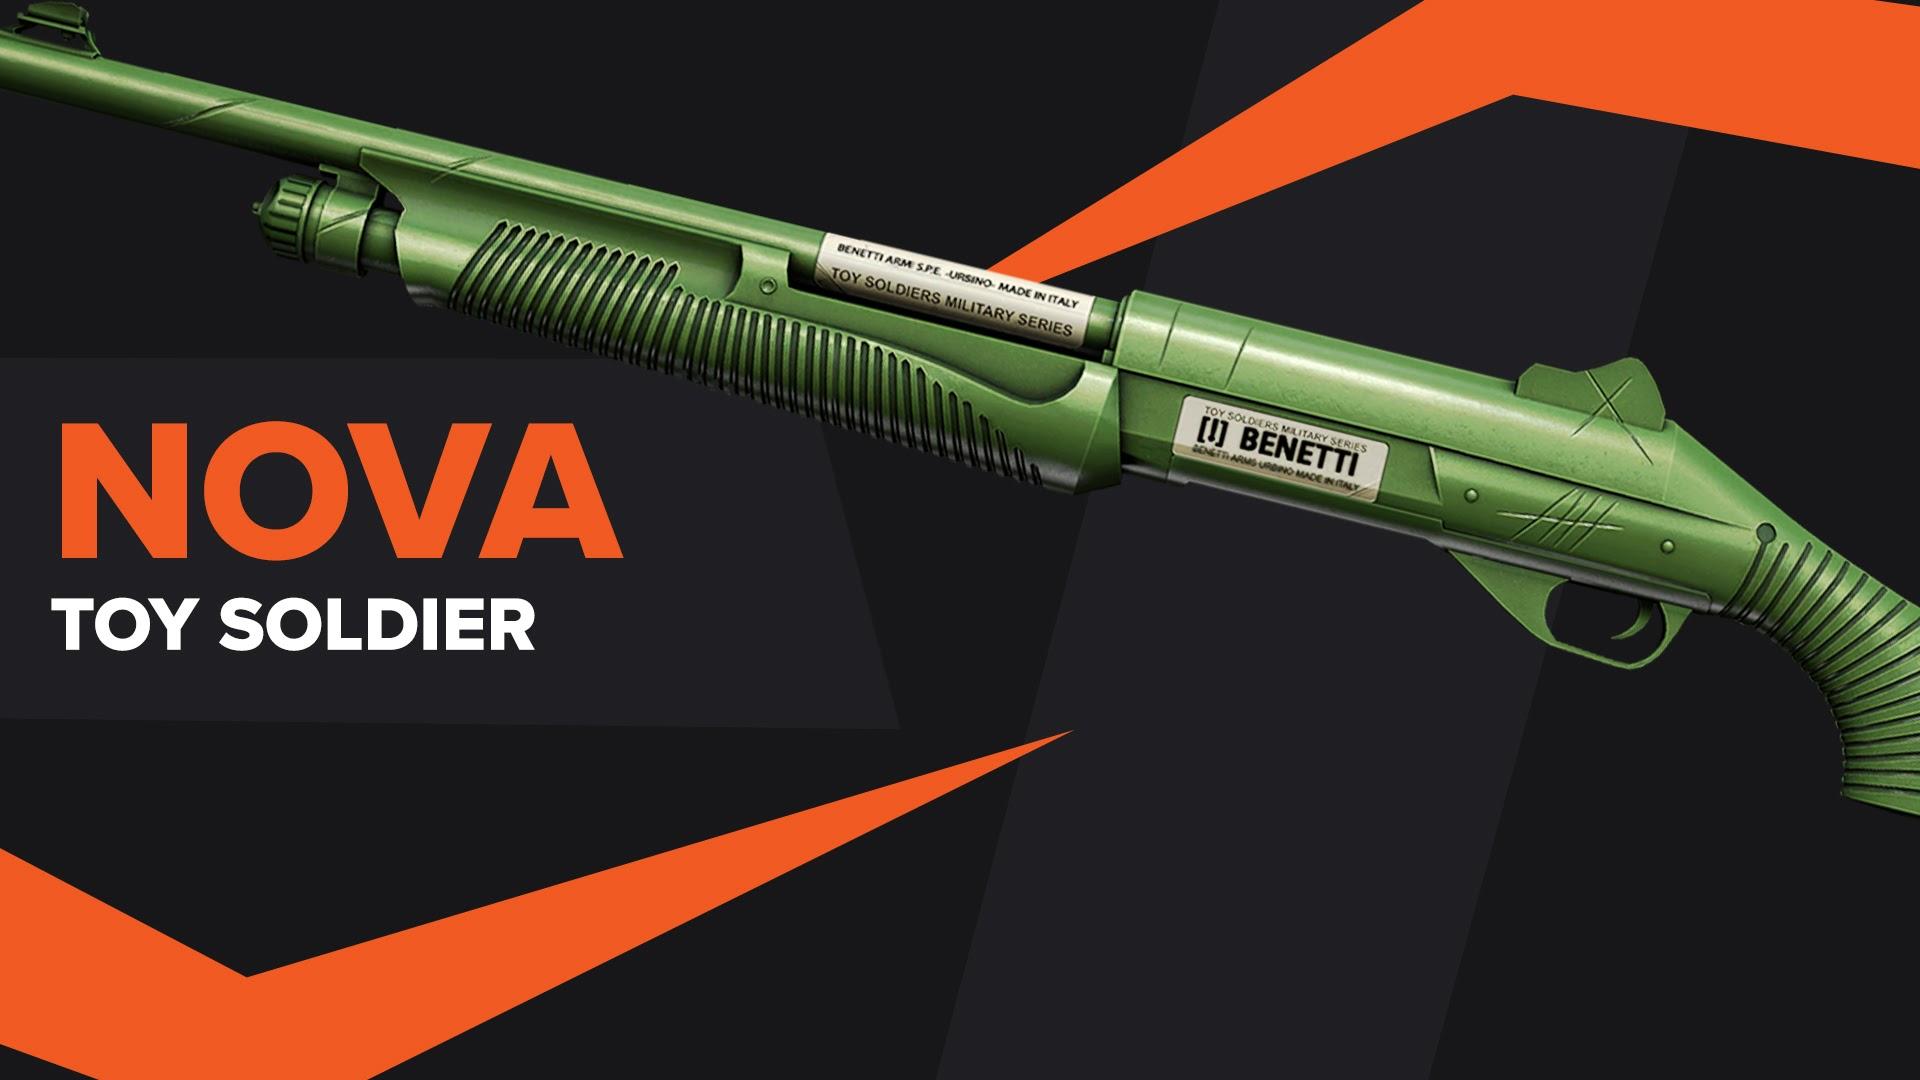 Nova Toy Soldier CSGO Skin